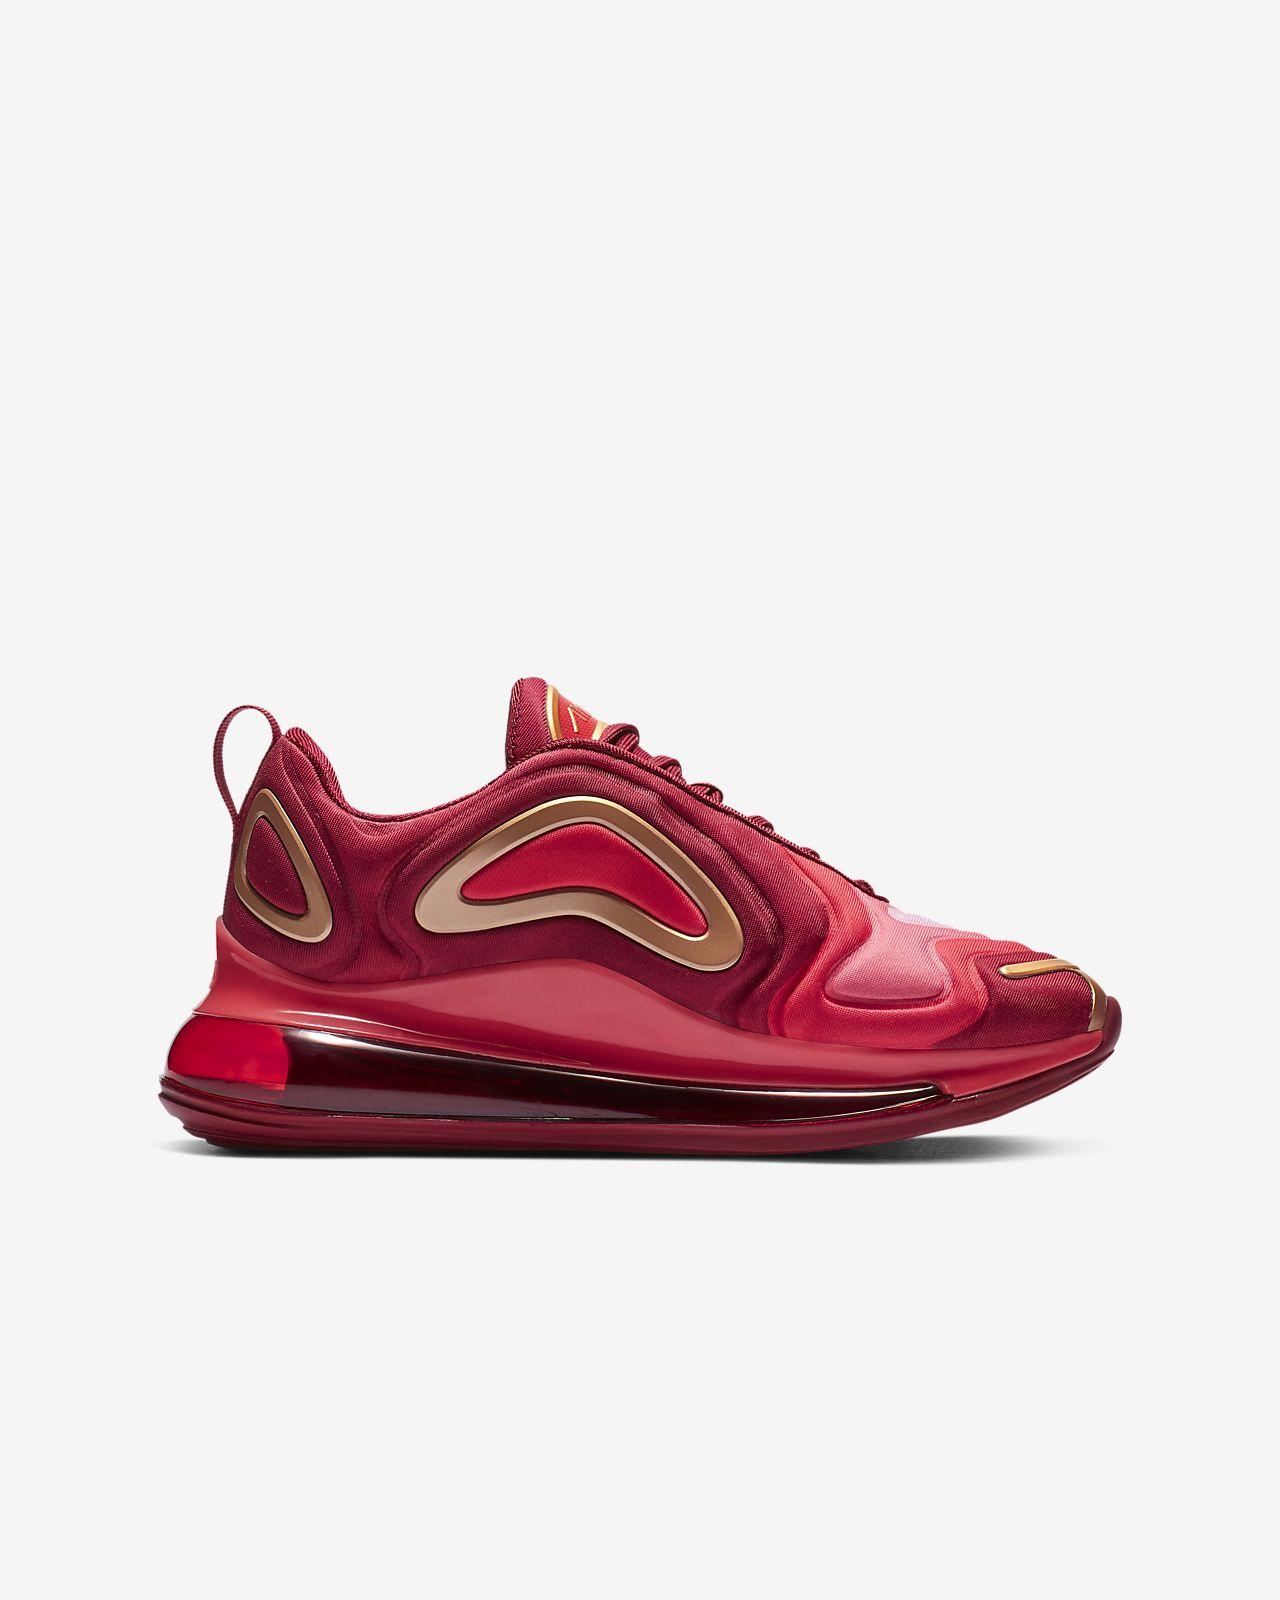 zapatillas air max niño 720